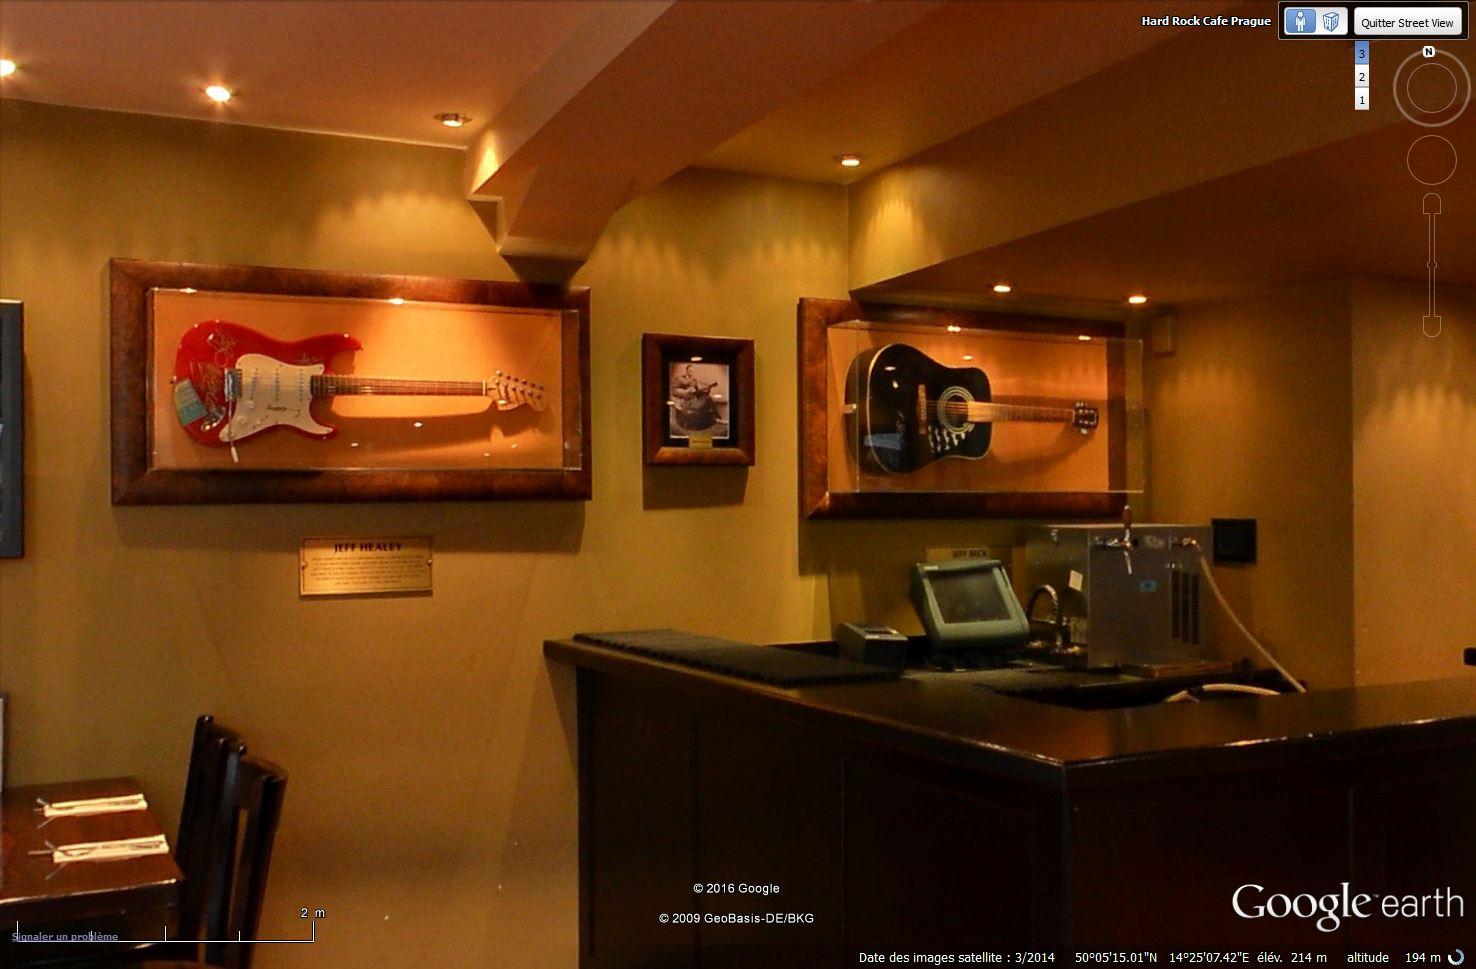 """Enseignes """"Hard Rock Cafe"""" dans le monde - Page 5 Tsge_090"""